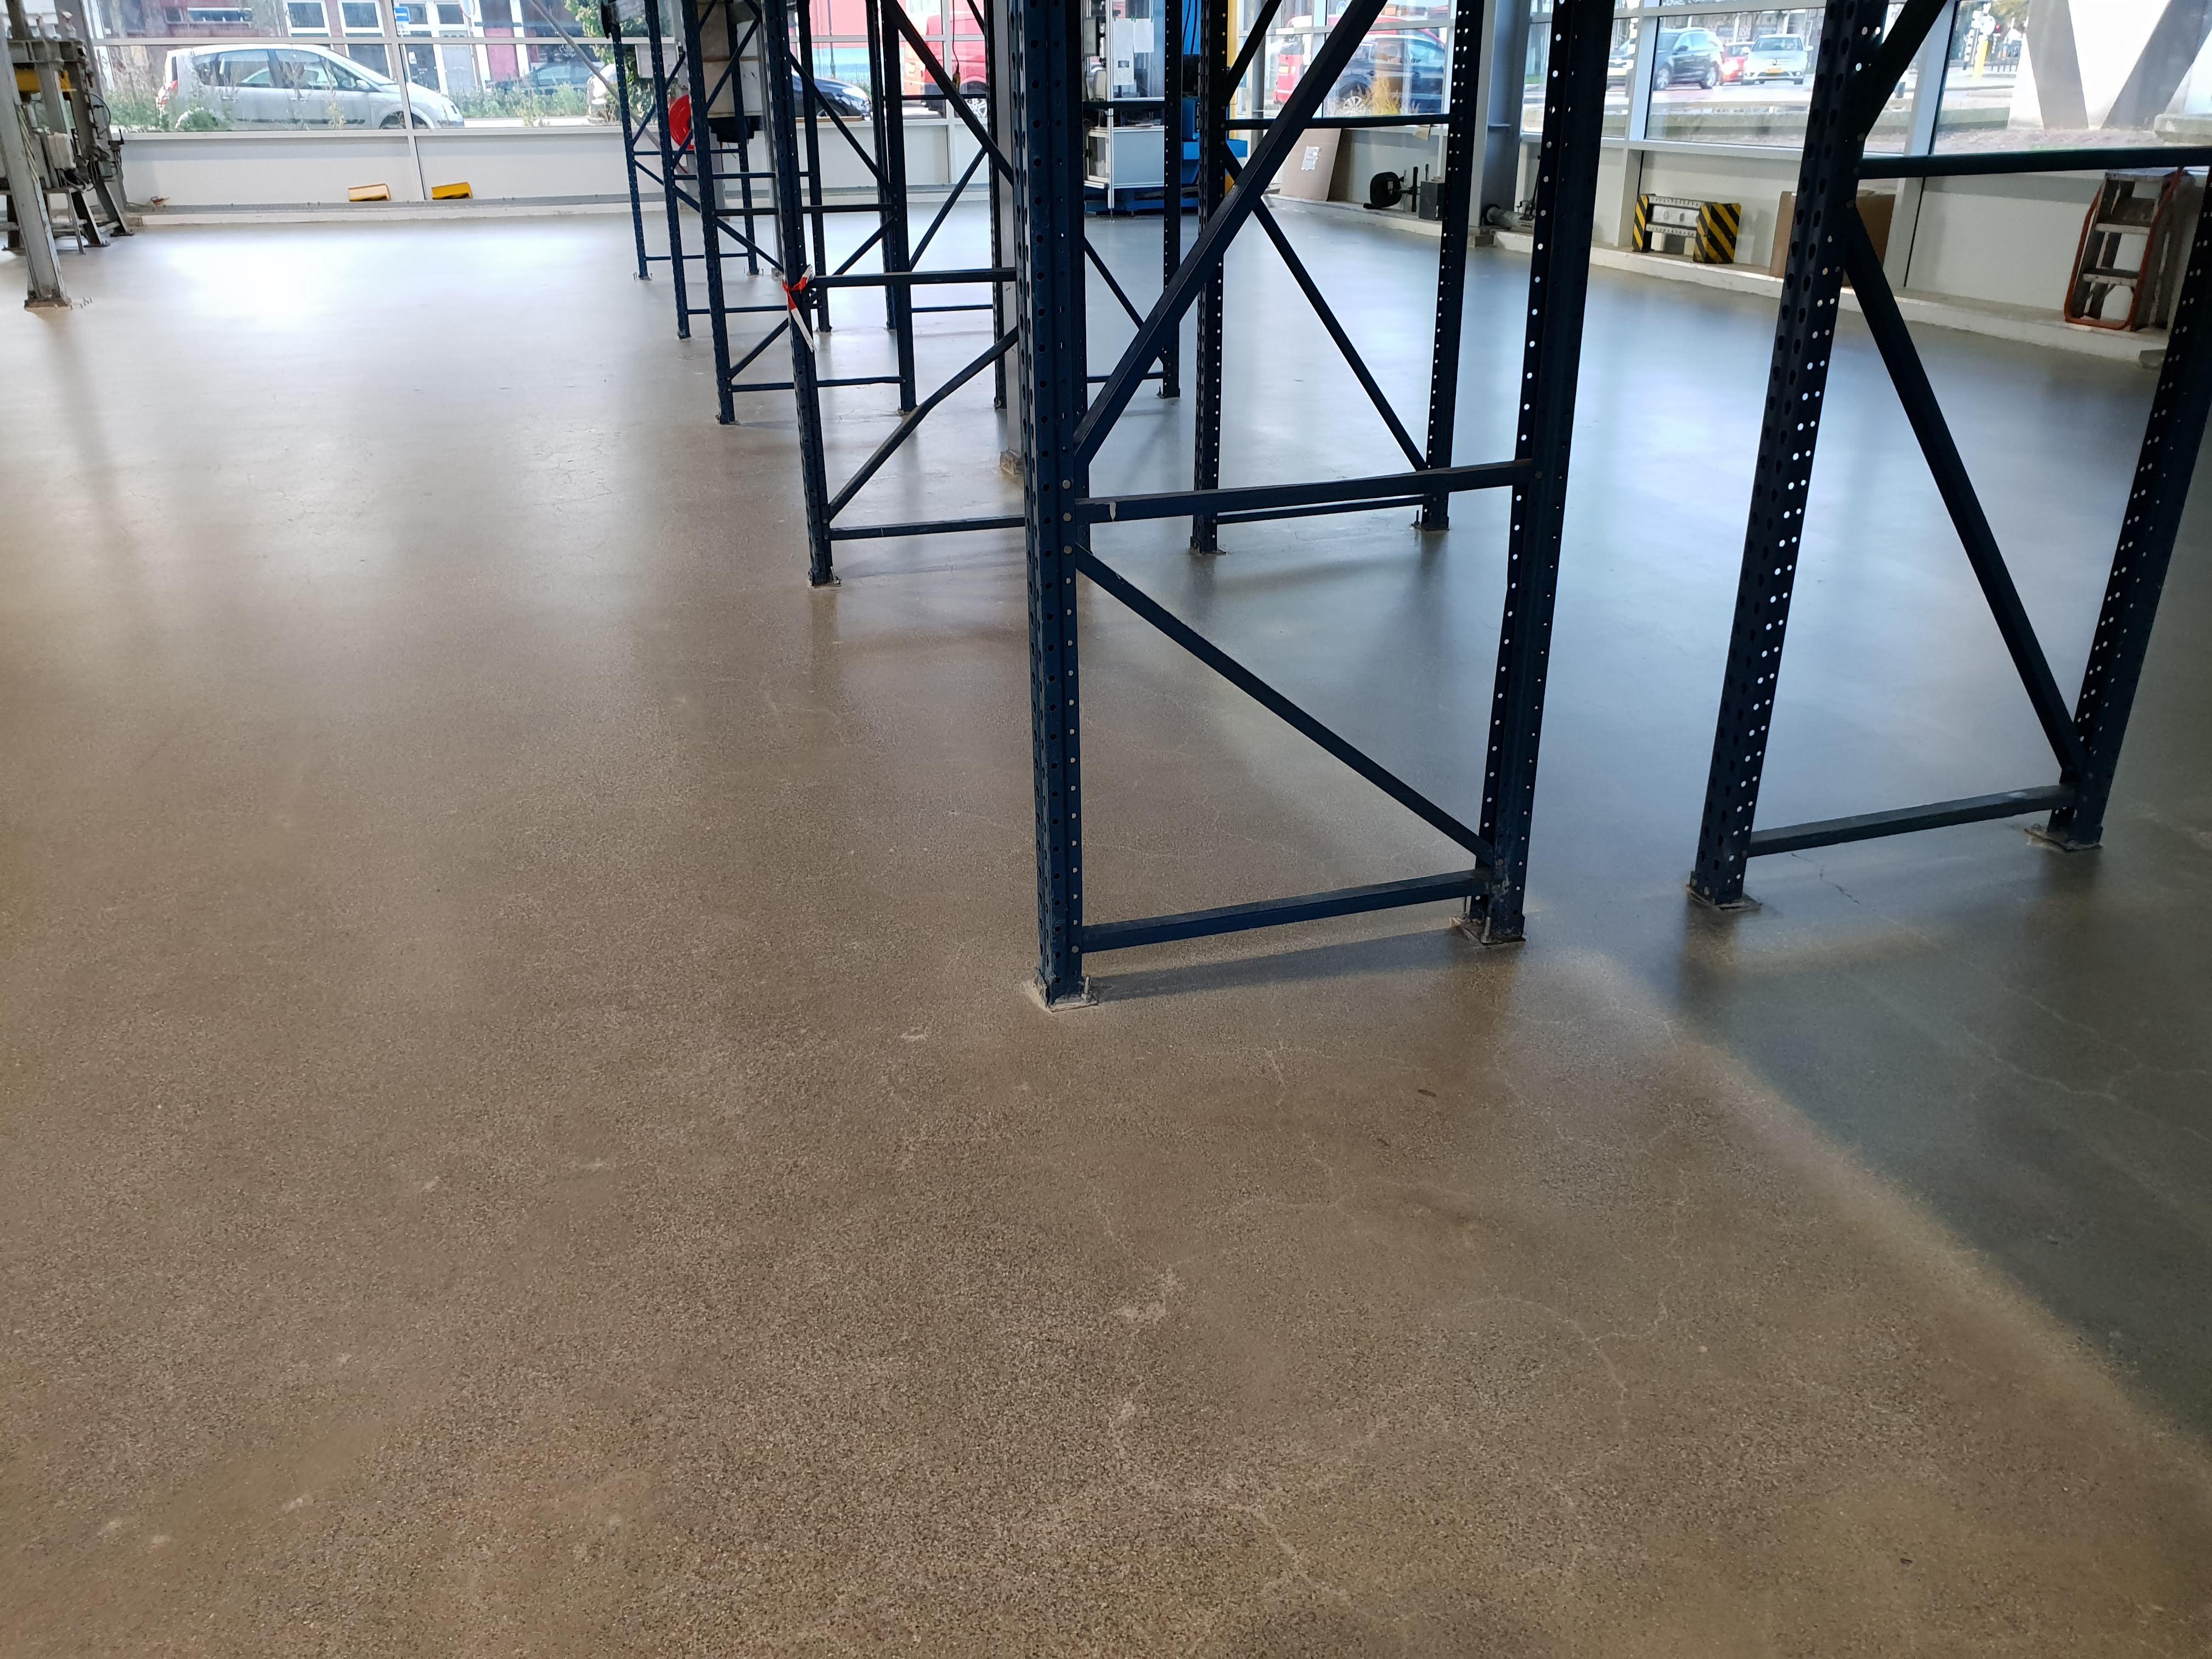 #beton polijsten #betonimpregenren #betonrenovatie #diamntschurenbetonvloeren